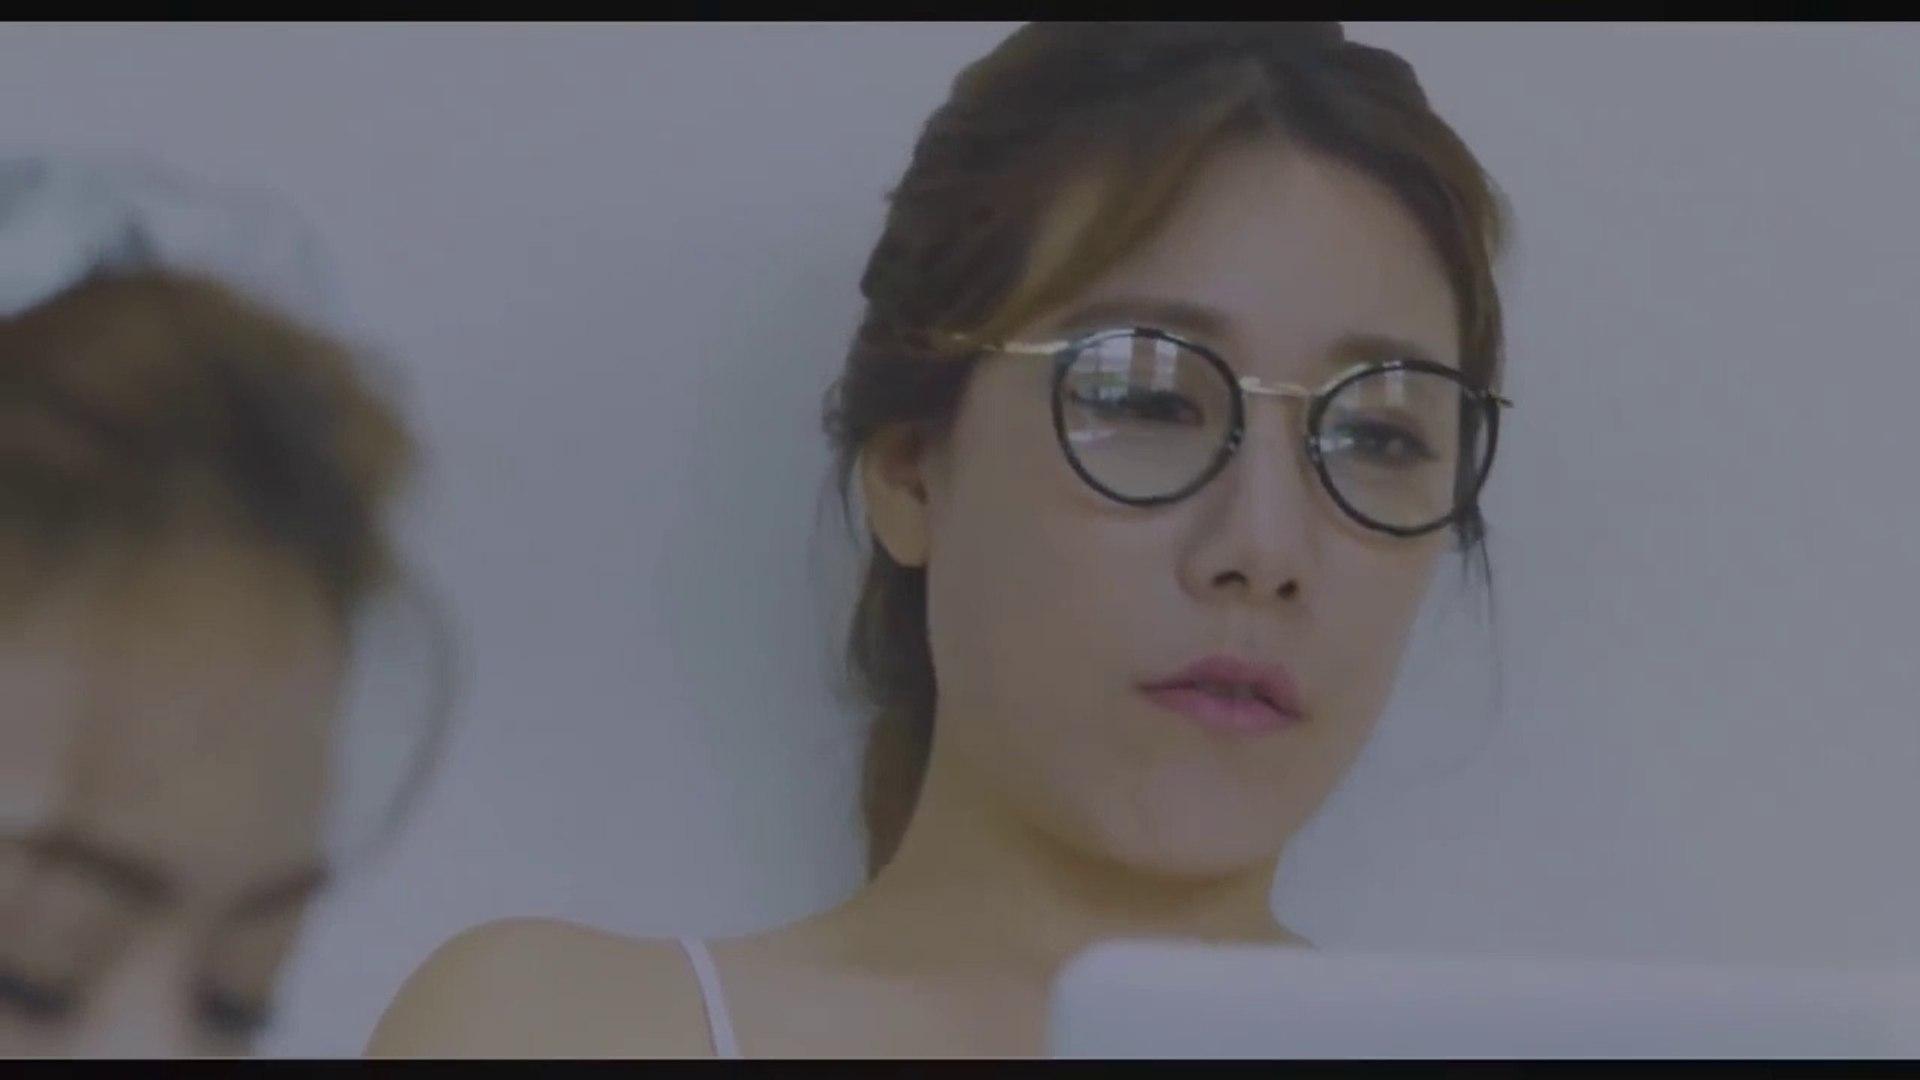 엄마 친구들 (에로,2017) - 심리 영화 1 호 한국 - 영화 다시보기